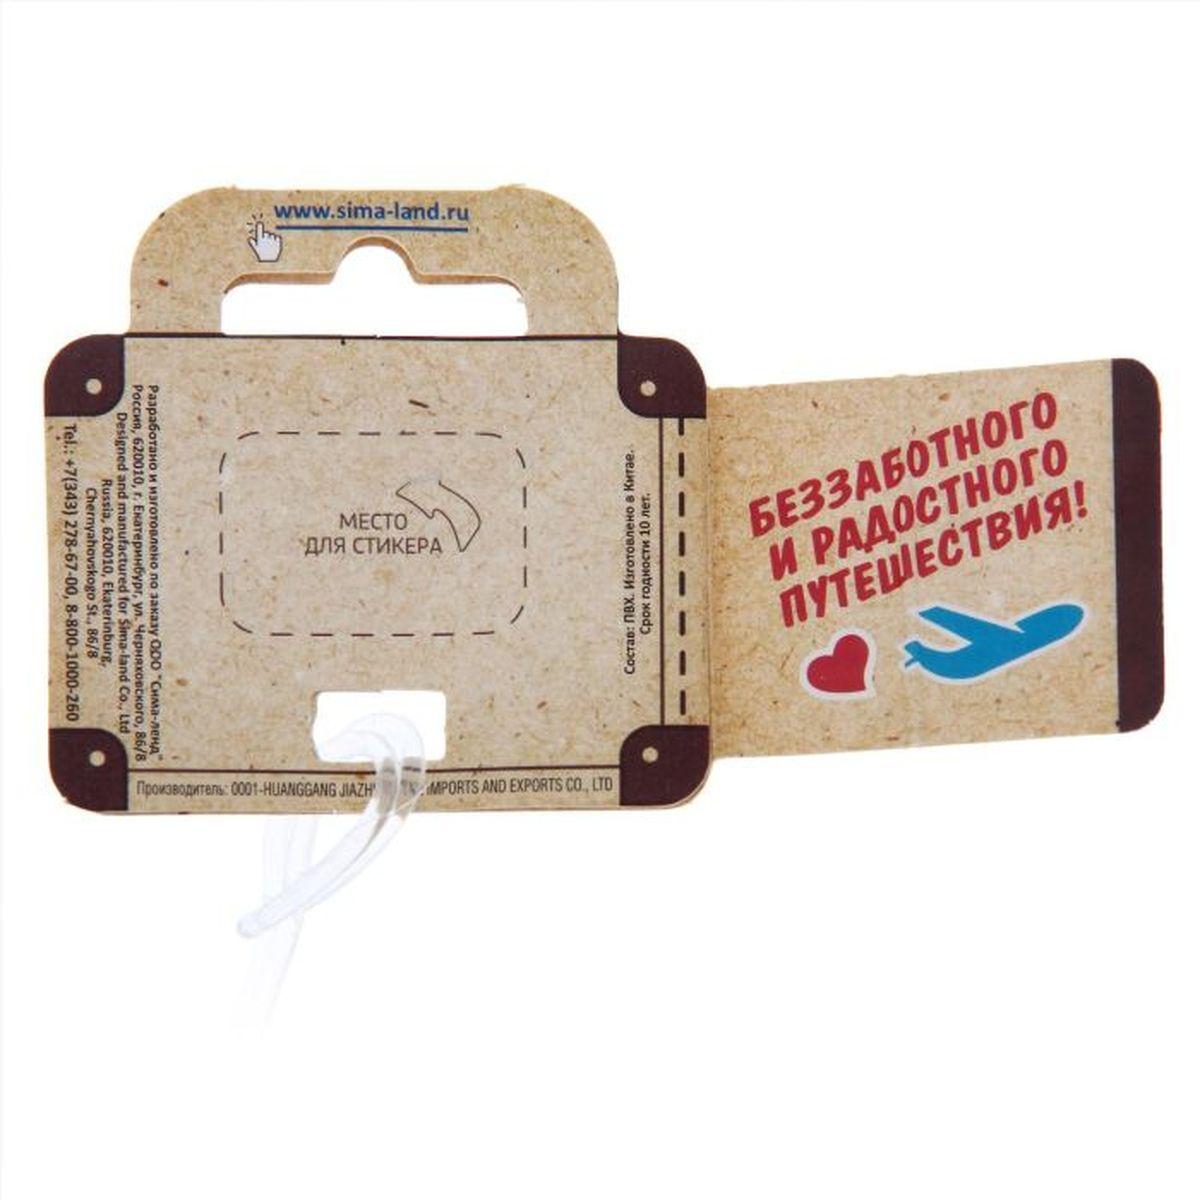 """Бирка на чемодан Sima-land """"Легок на подъем"""", 8 х 7 см. 1144505"""